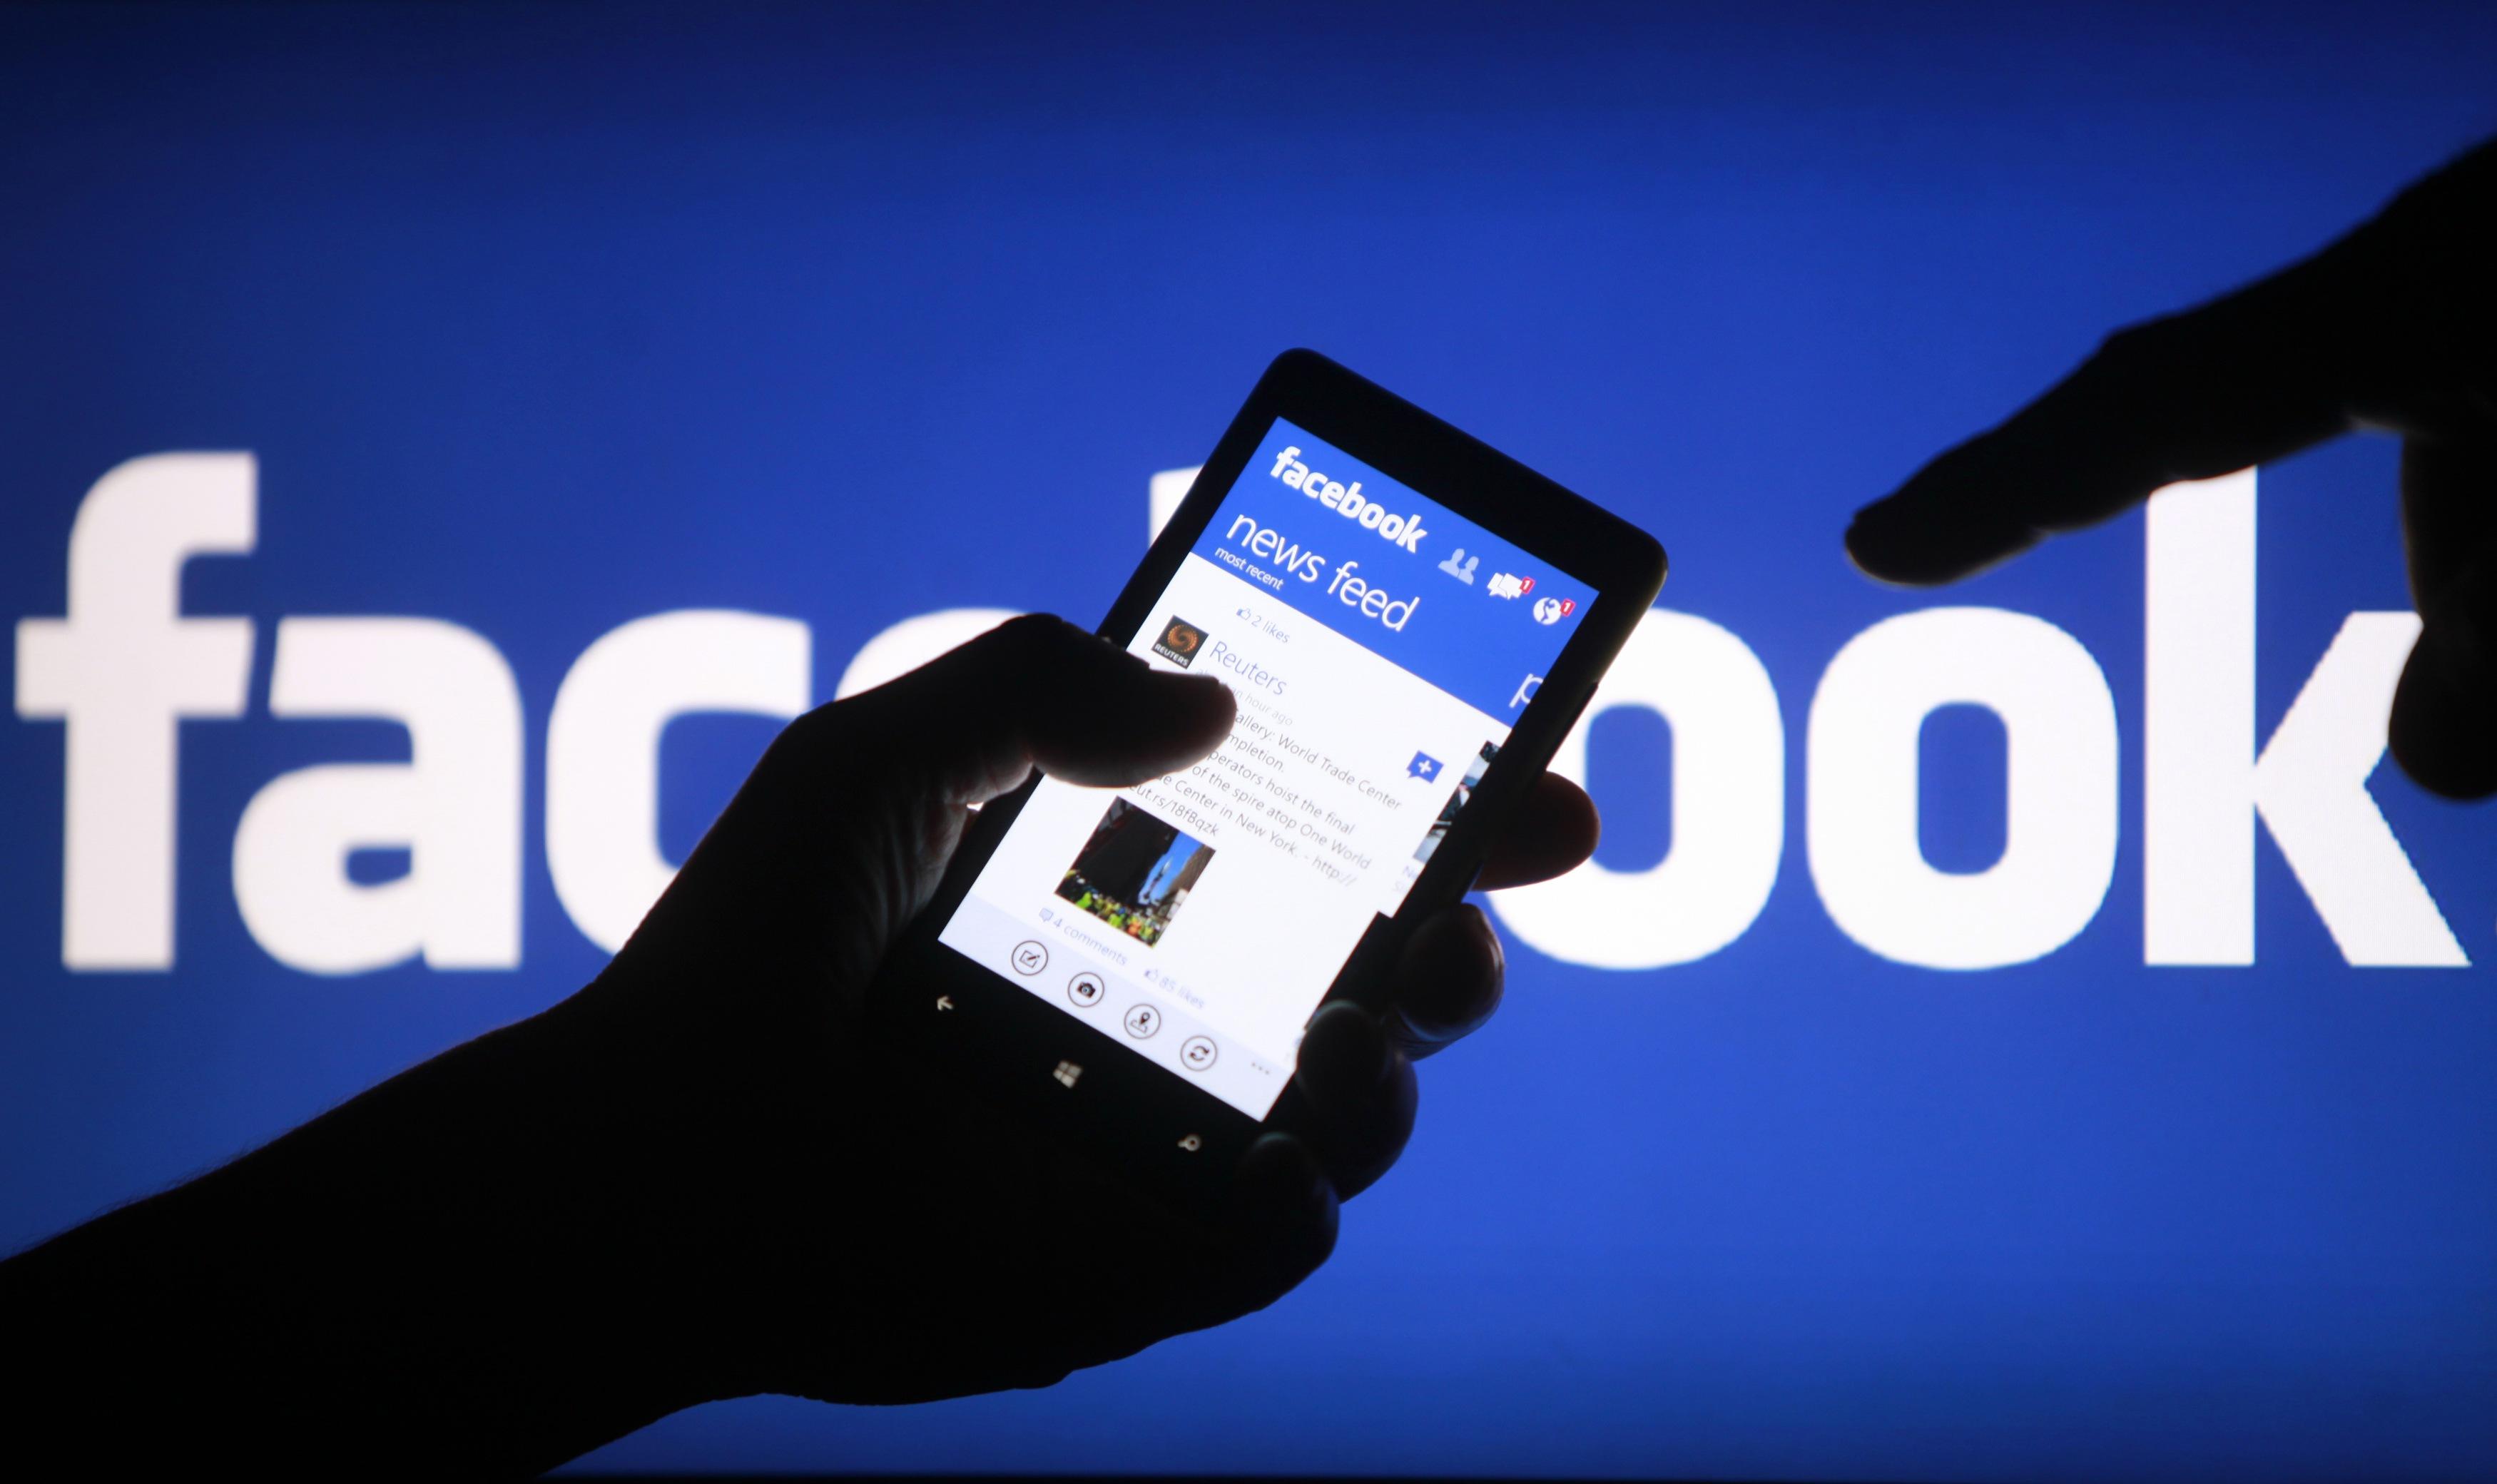 Иллюстрация на тему Как сделать репост в Фейсбук на свою страницу: роль, особенности